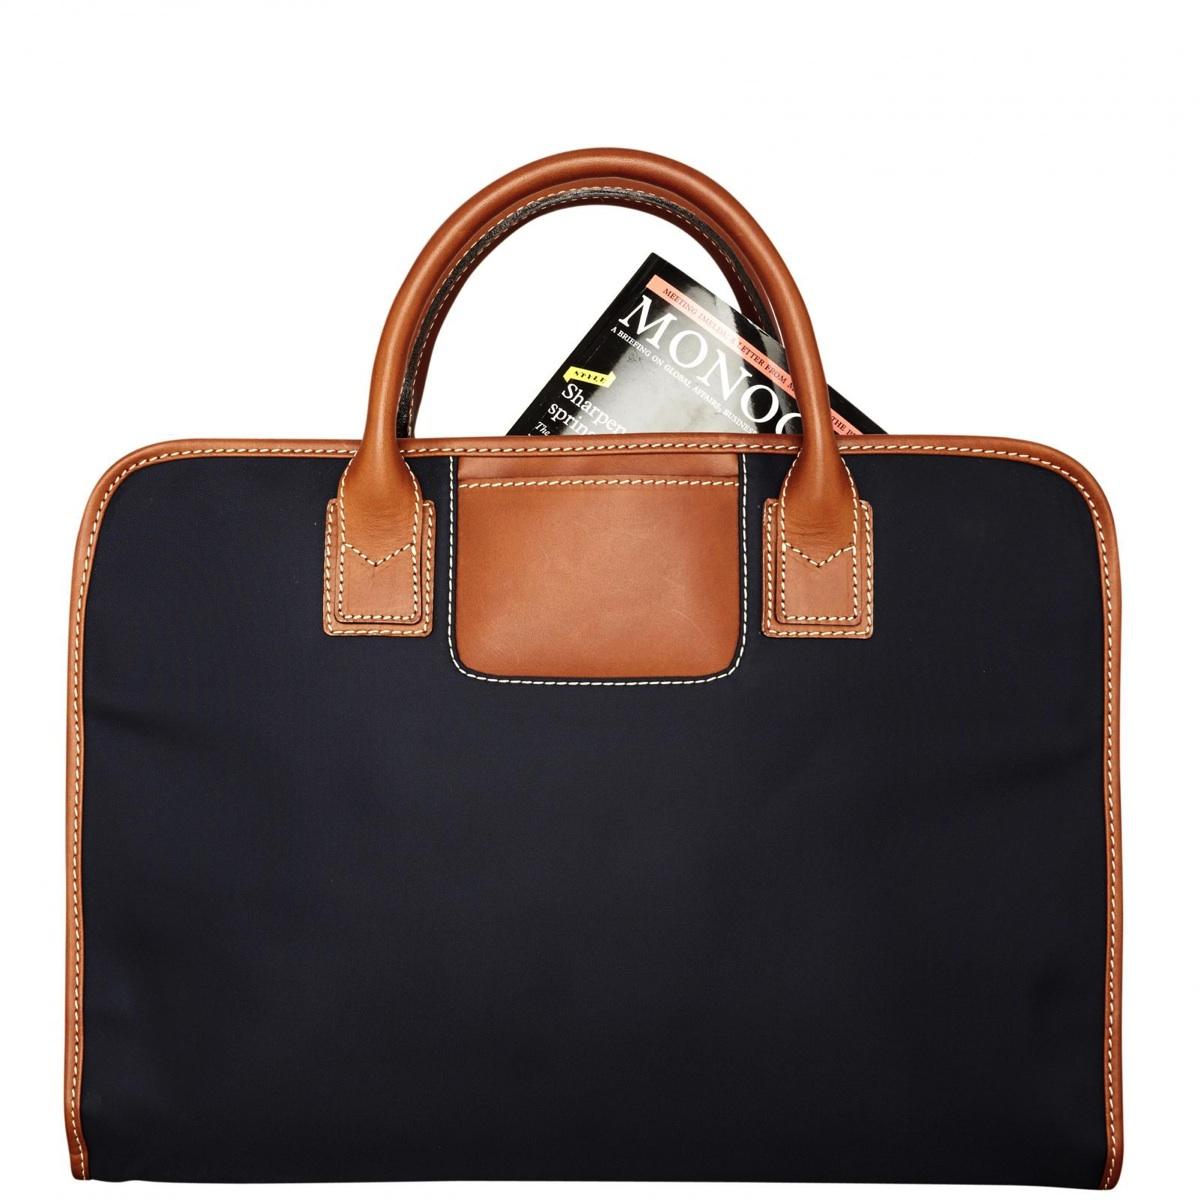 travelteq-trash-inside-out-laptop-bag-6